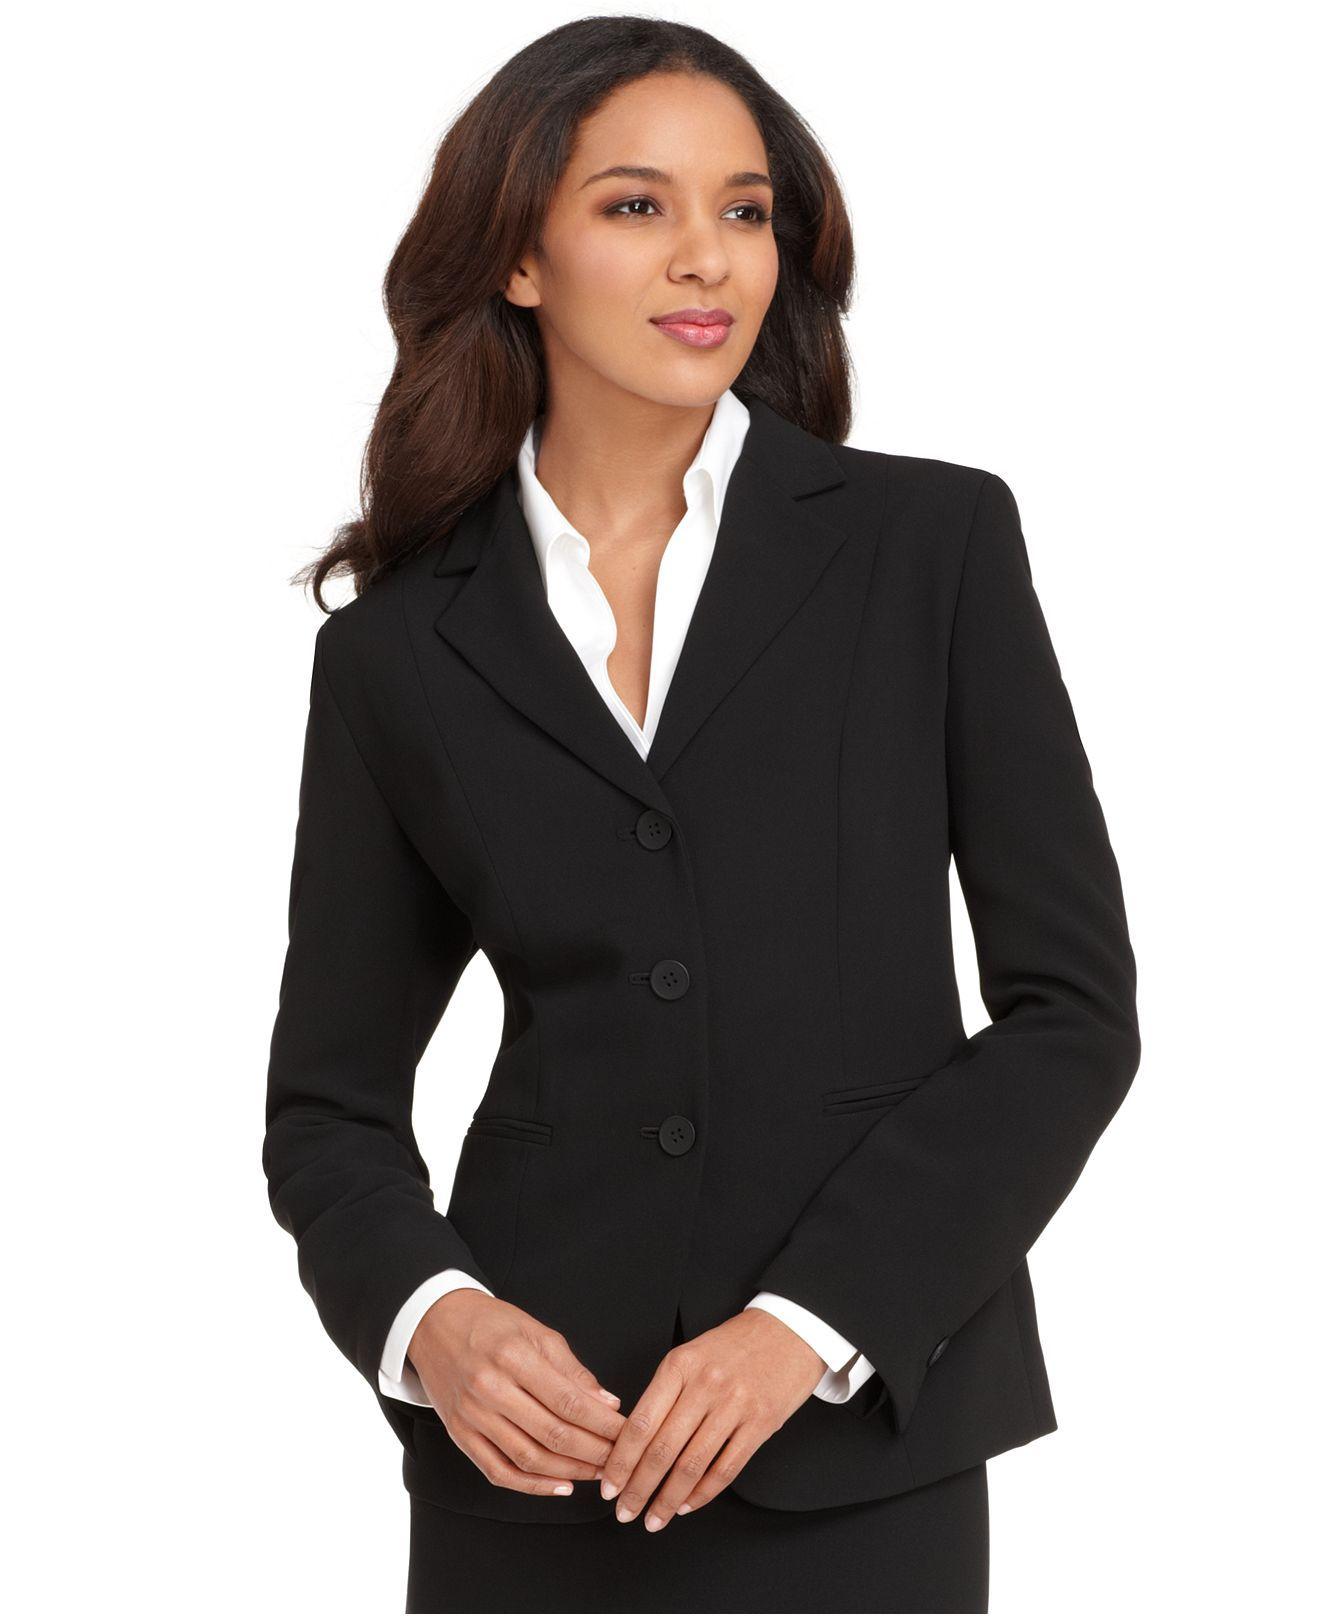 Simple Black Suit  Ladies Attire  Interview Suits -7897